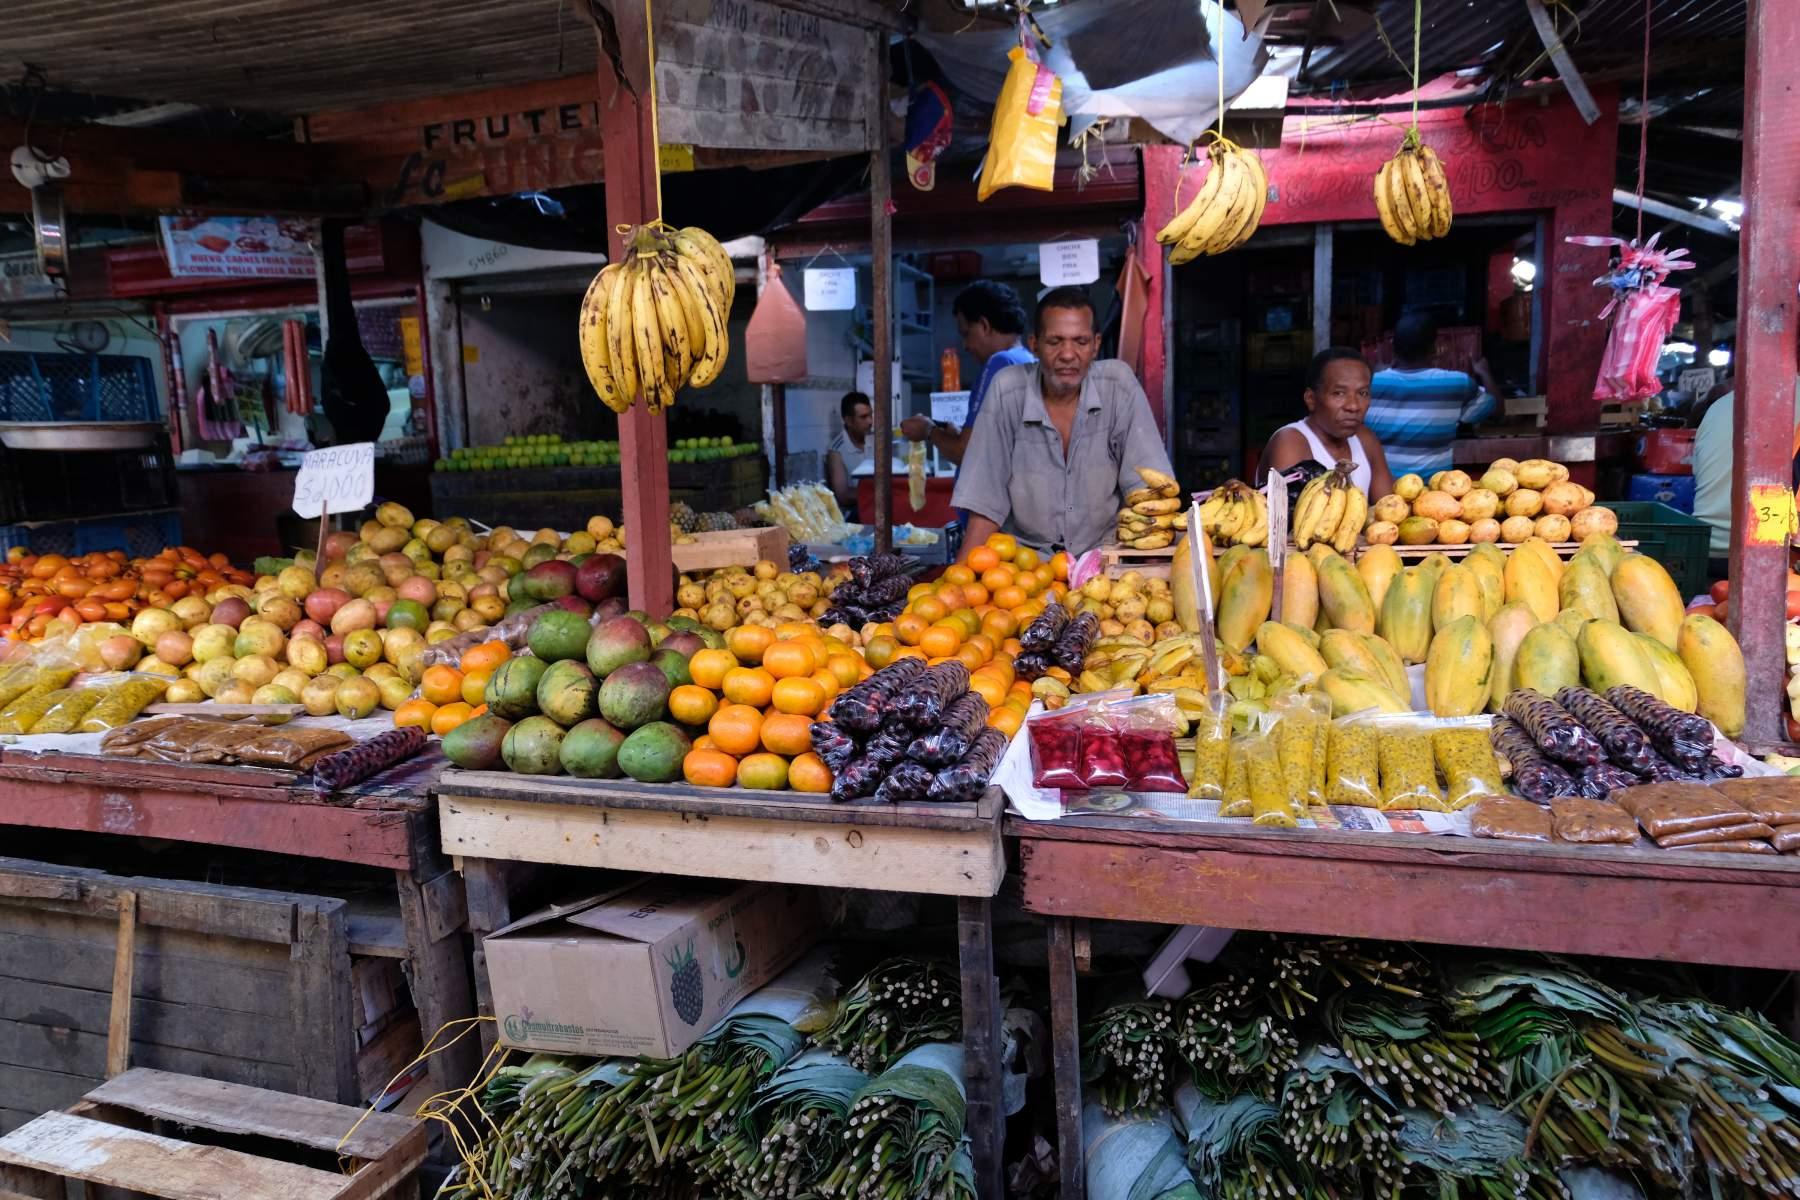 Por culpa de fenómeno del niño se podría afectar abastecimiento de alimentos y subir precios | Economía | EL FRENTE